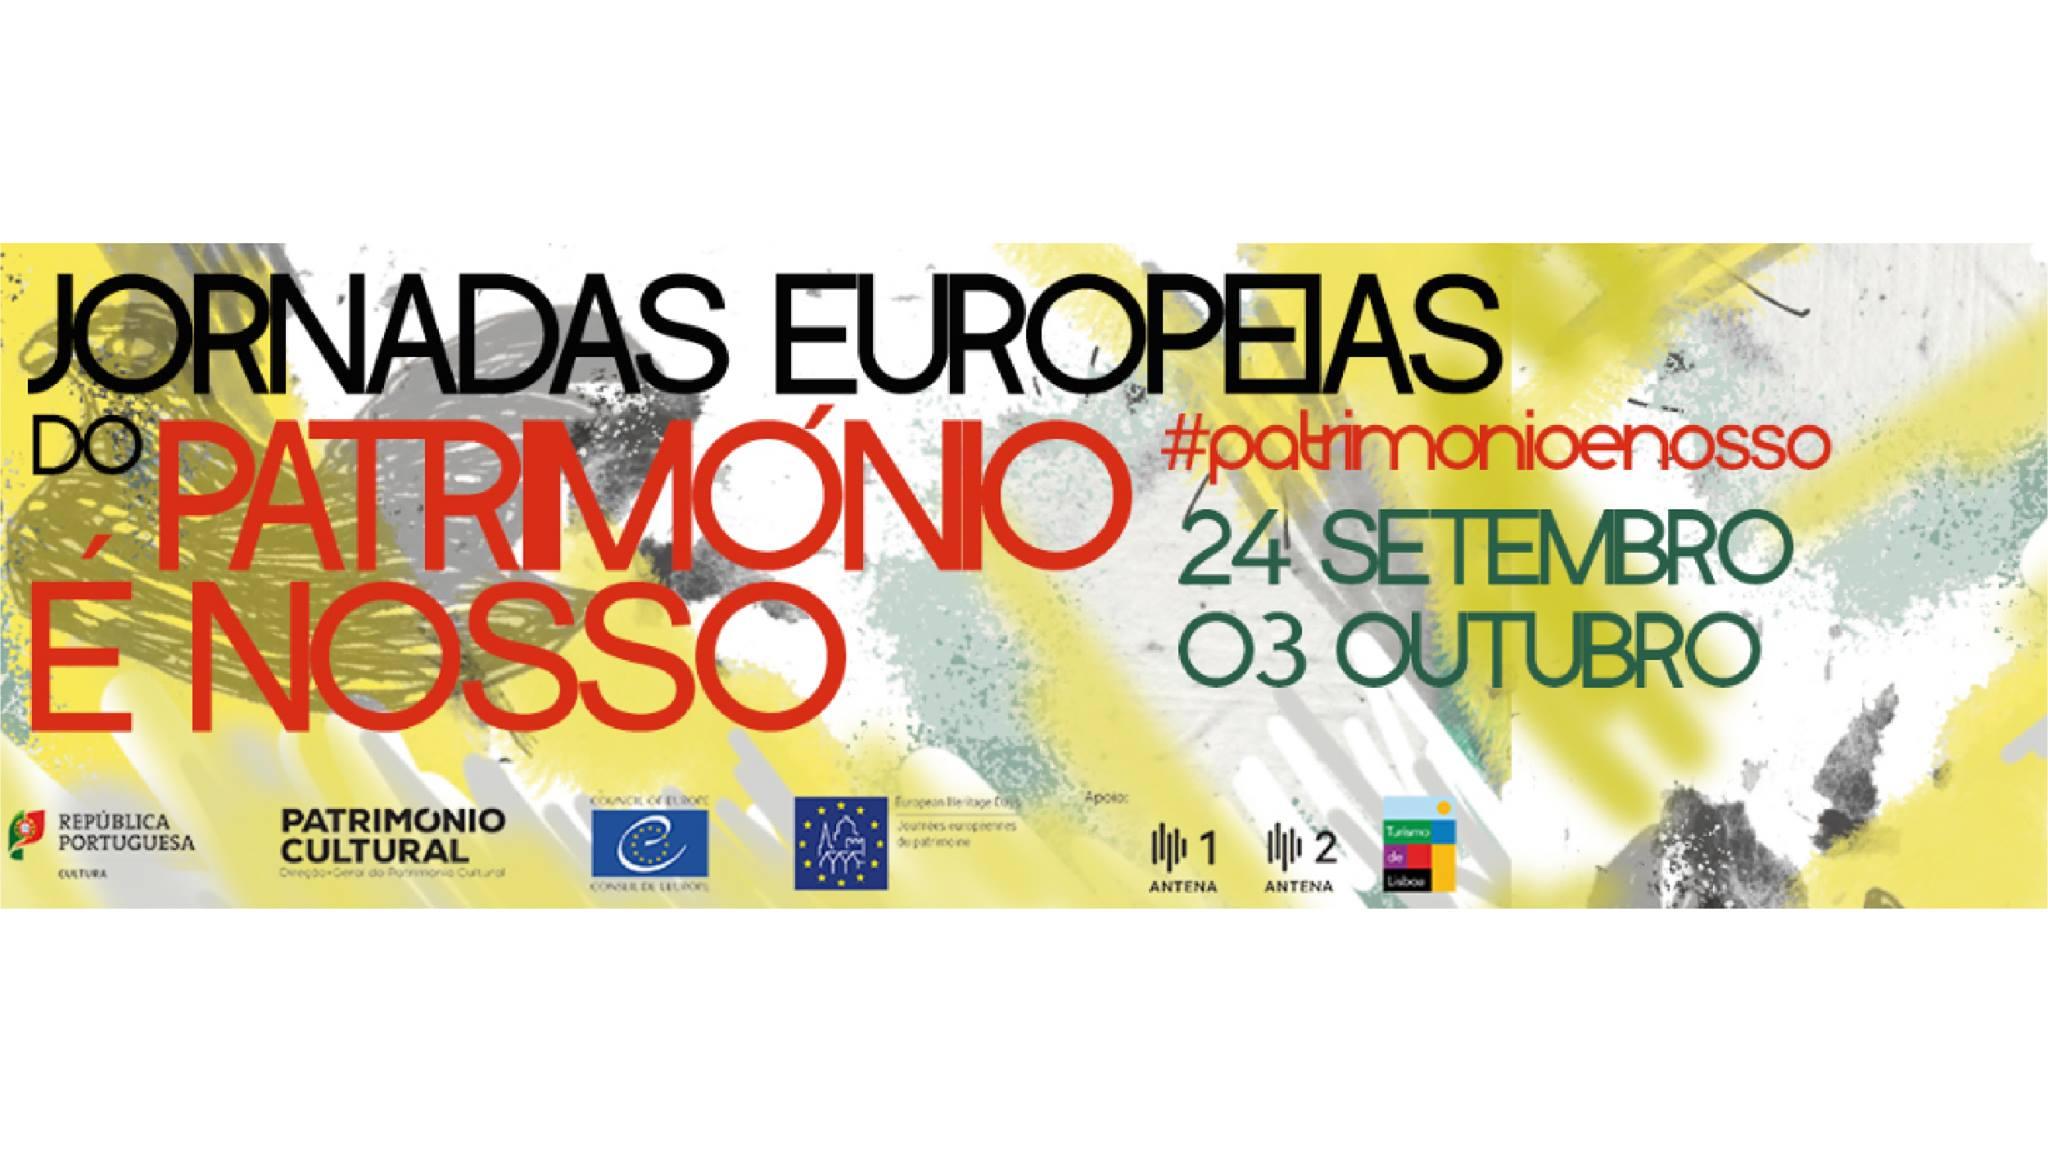 Jornadas Europeias do Património'21